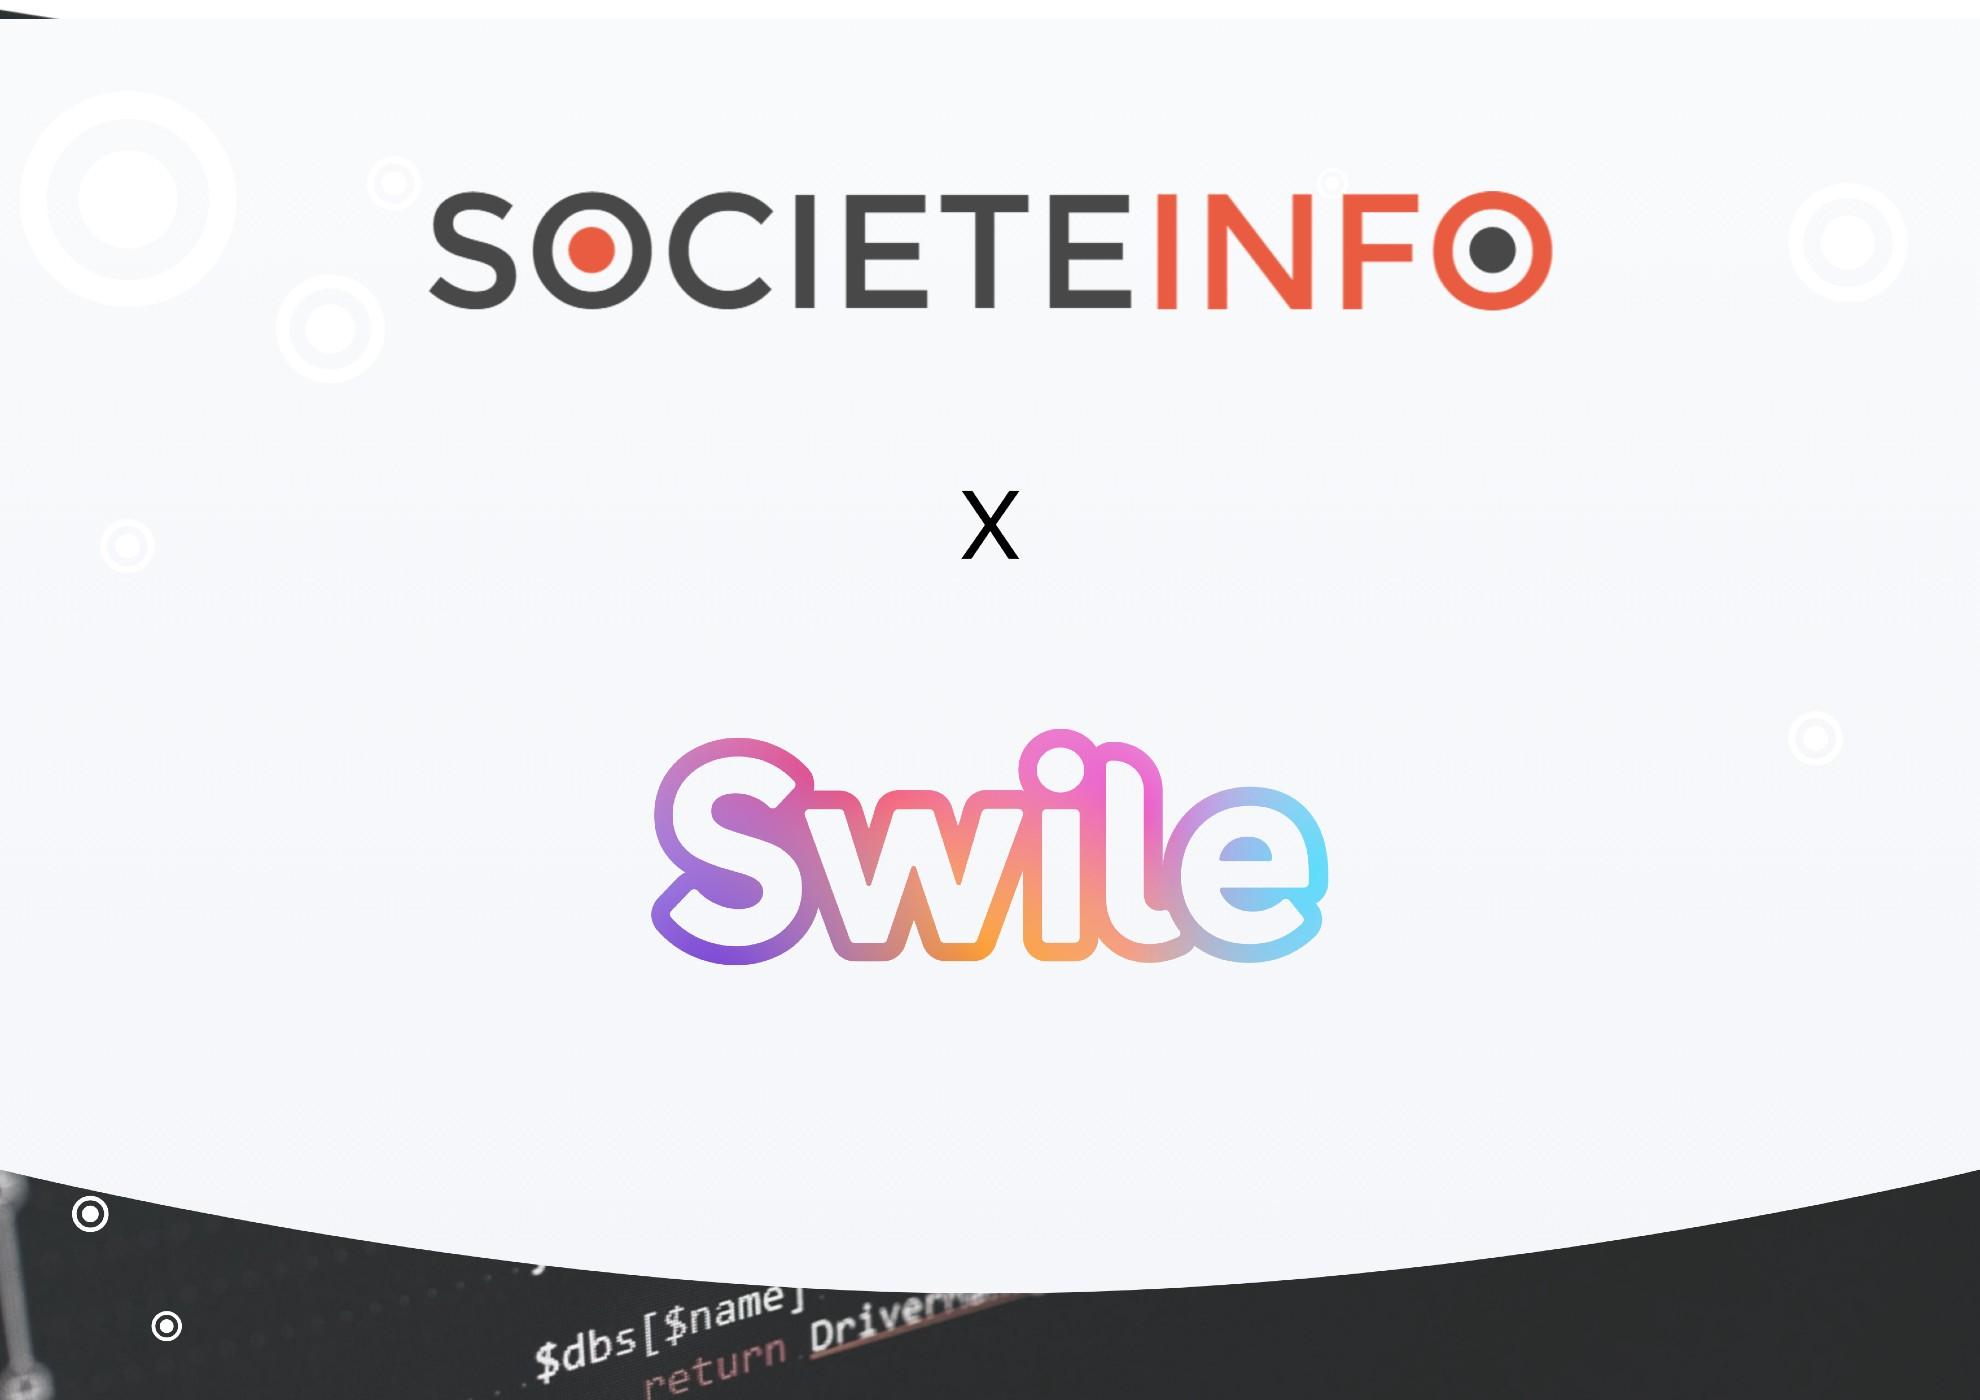 SWILE intègre l'ensemble des sociétés commerciales dans son CRM Salesforce